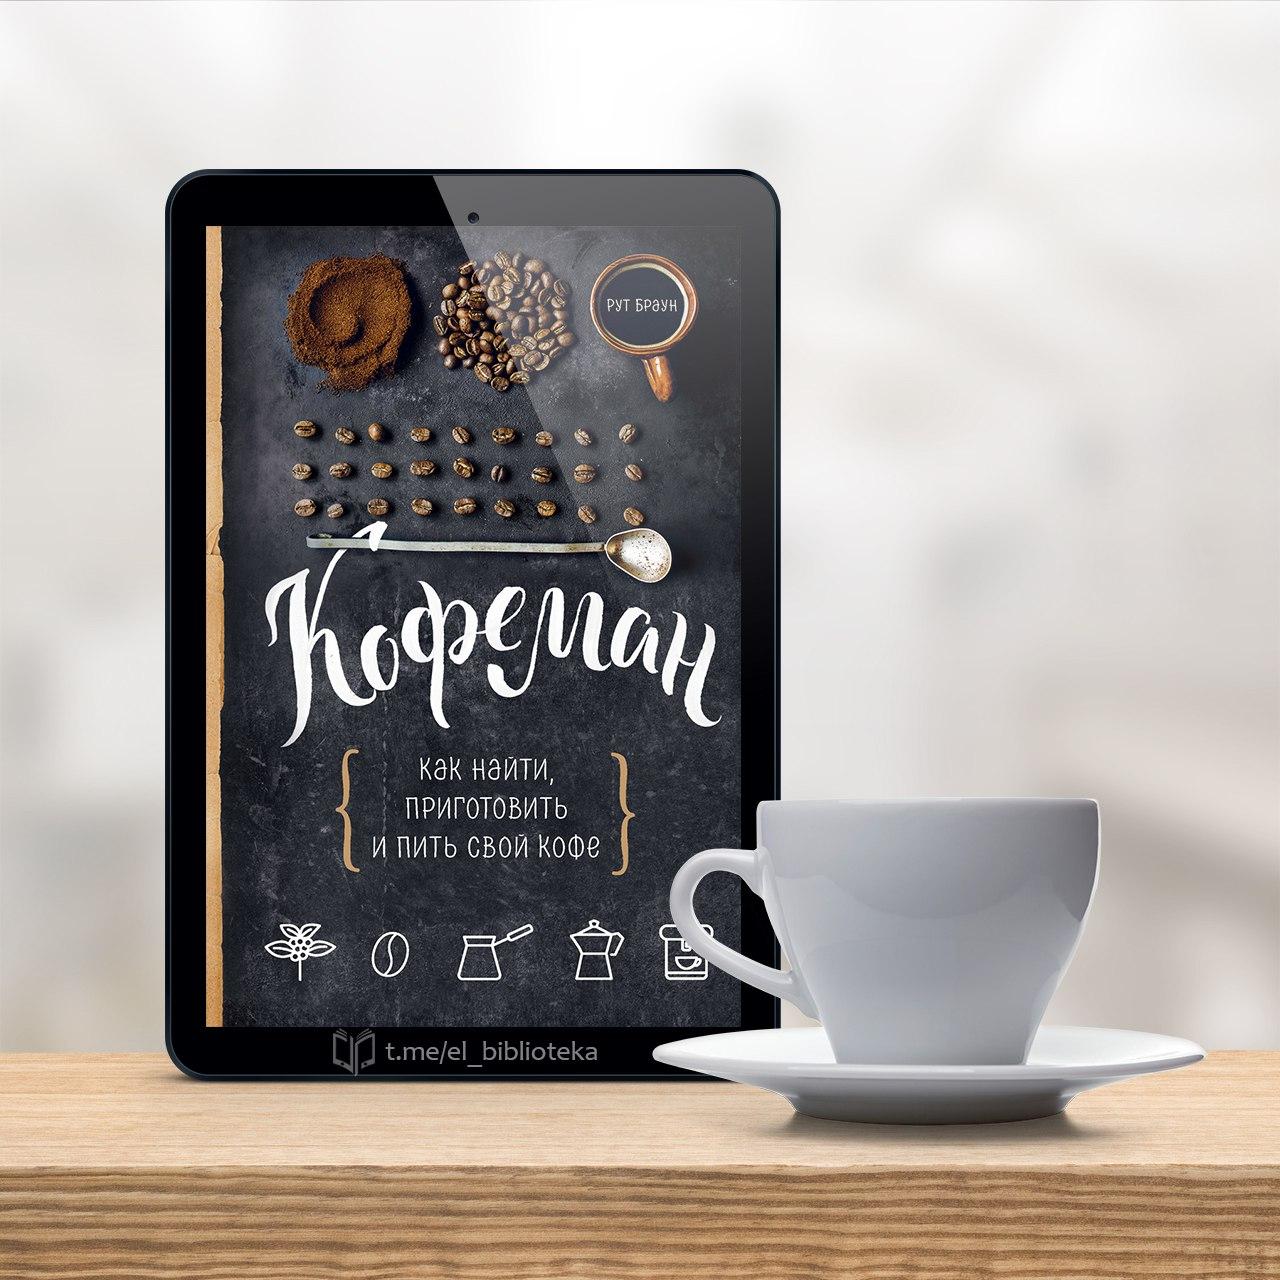  Кофеман. Как найти, приготовить и пить свой кофе  Автор:  Браун_Рут  Год...